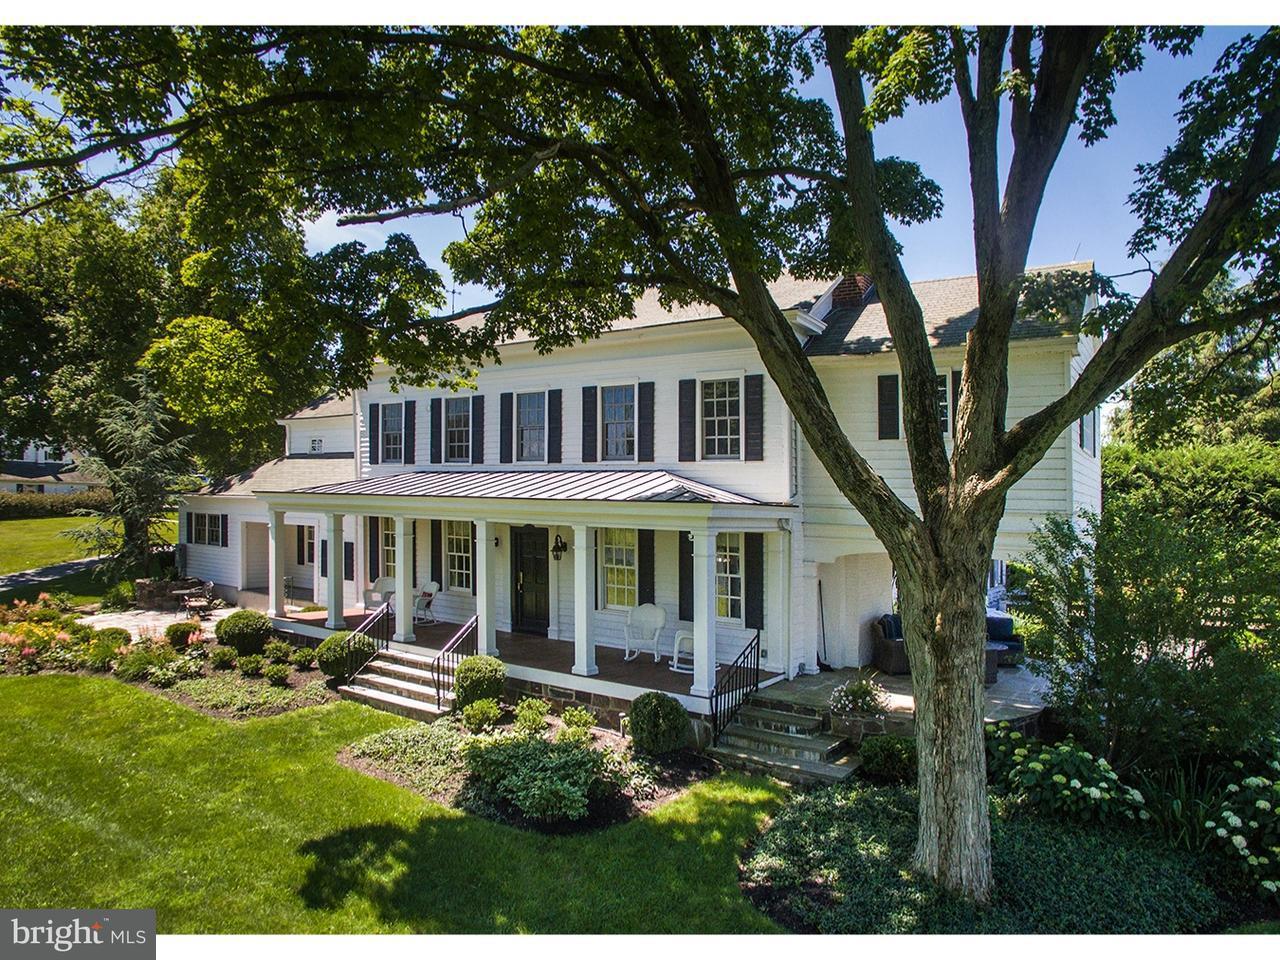 Maison unifamiliale pour l Vente à 28 LINDBERGH Road Ringoes, New Jersey 08551 États-UnisDans/Autour: East Amwell Township